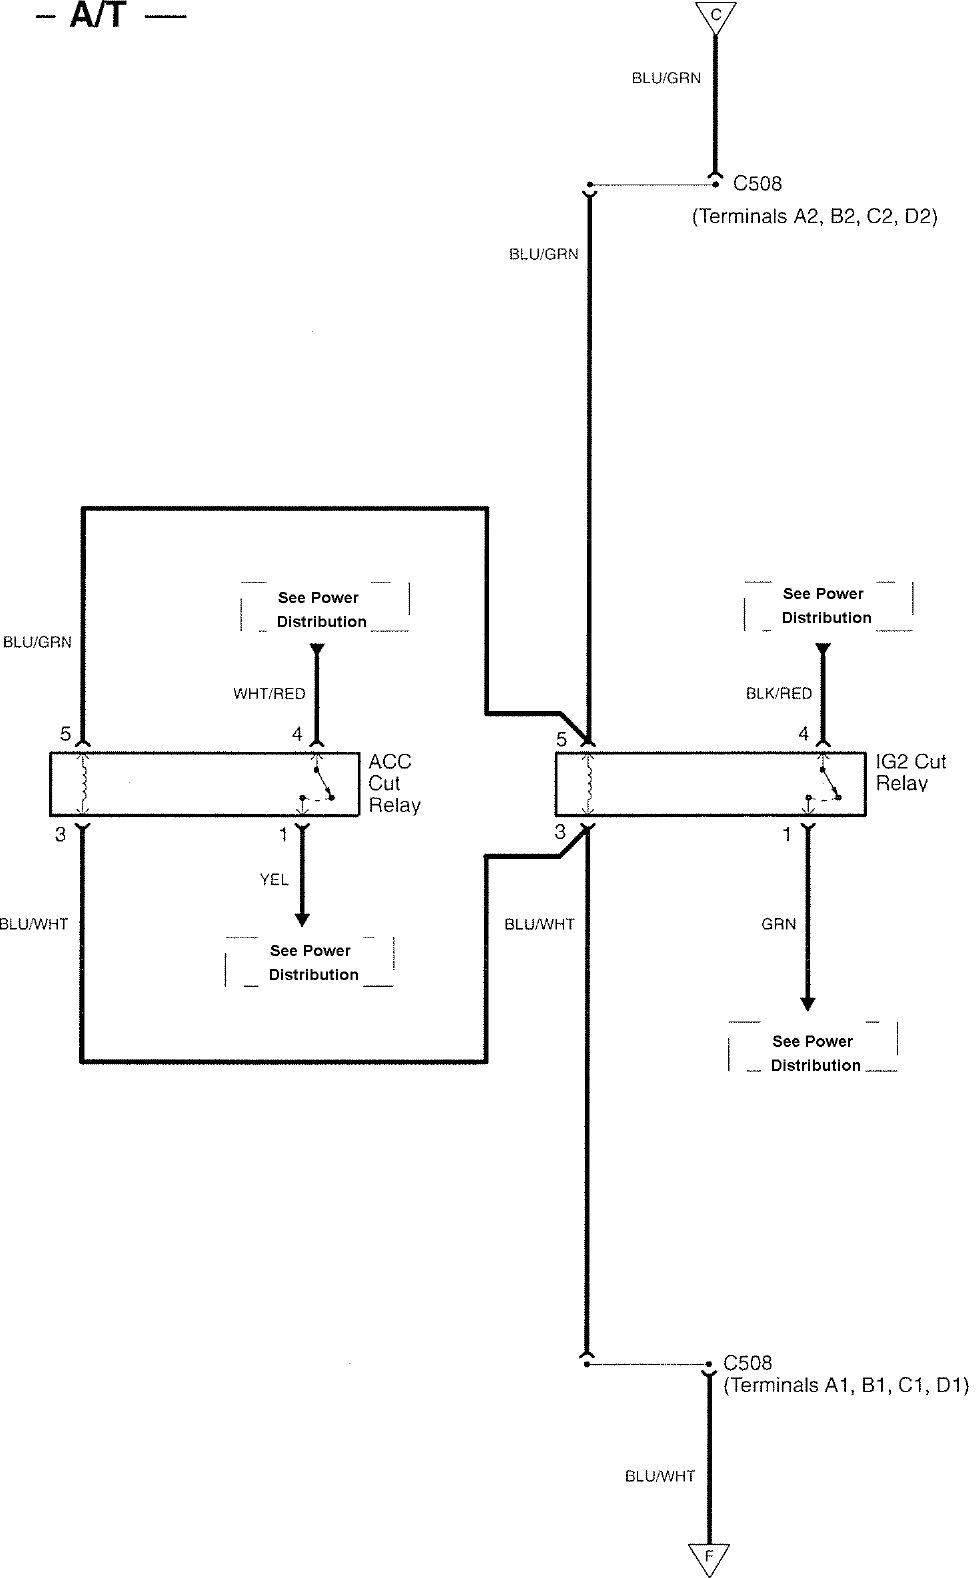 [WRG-1757] 2007 Acura Tl Wiring Diagram